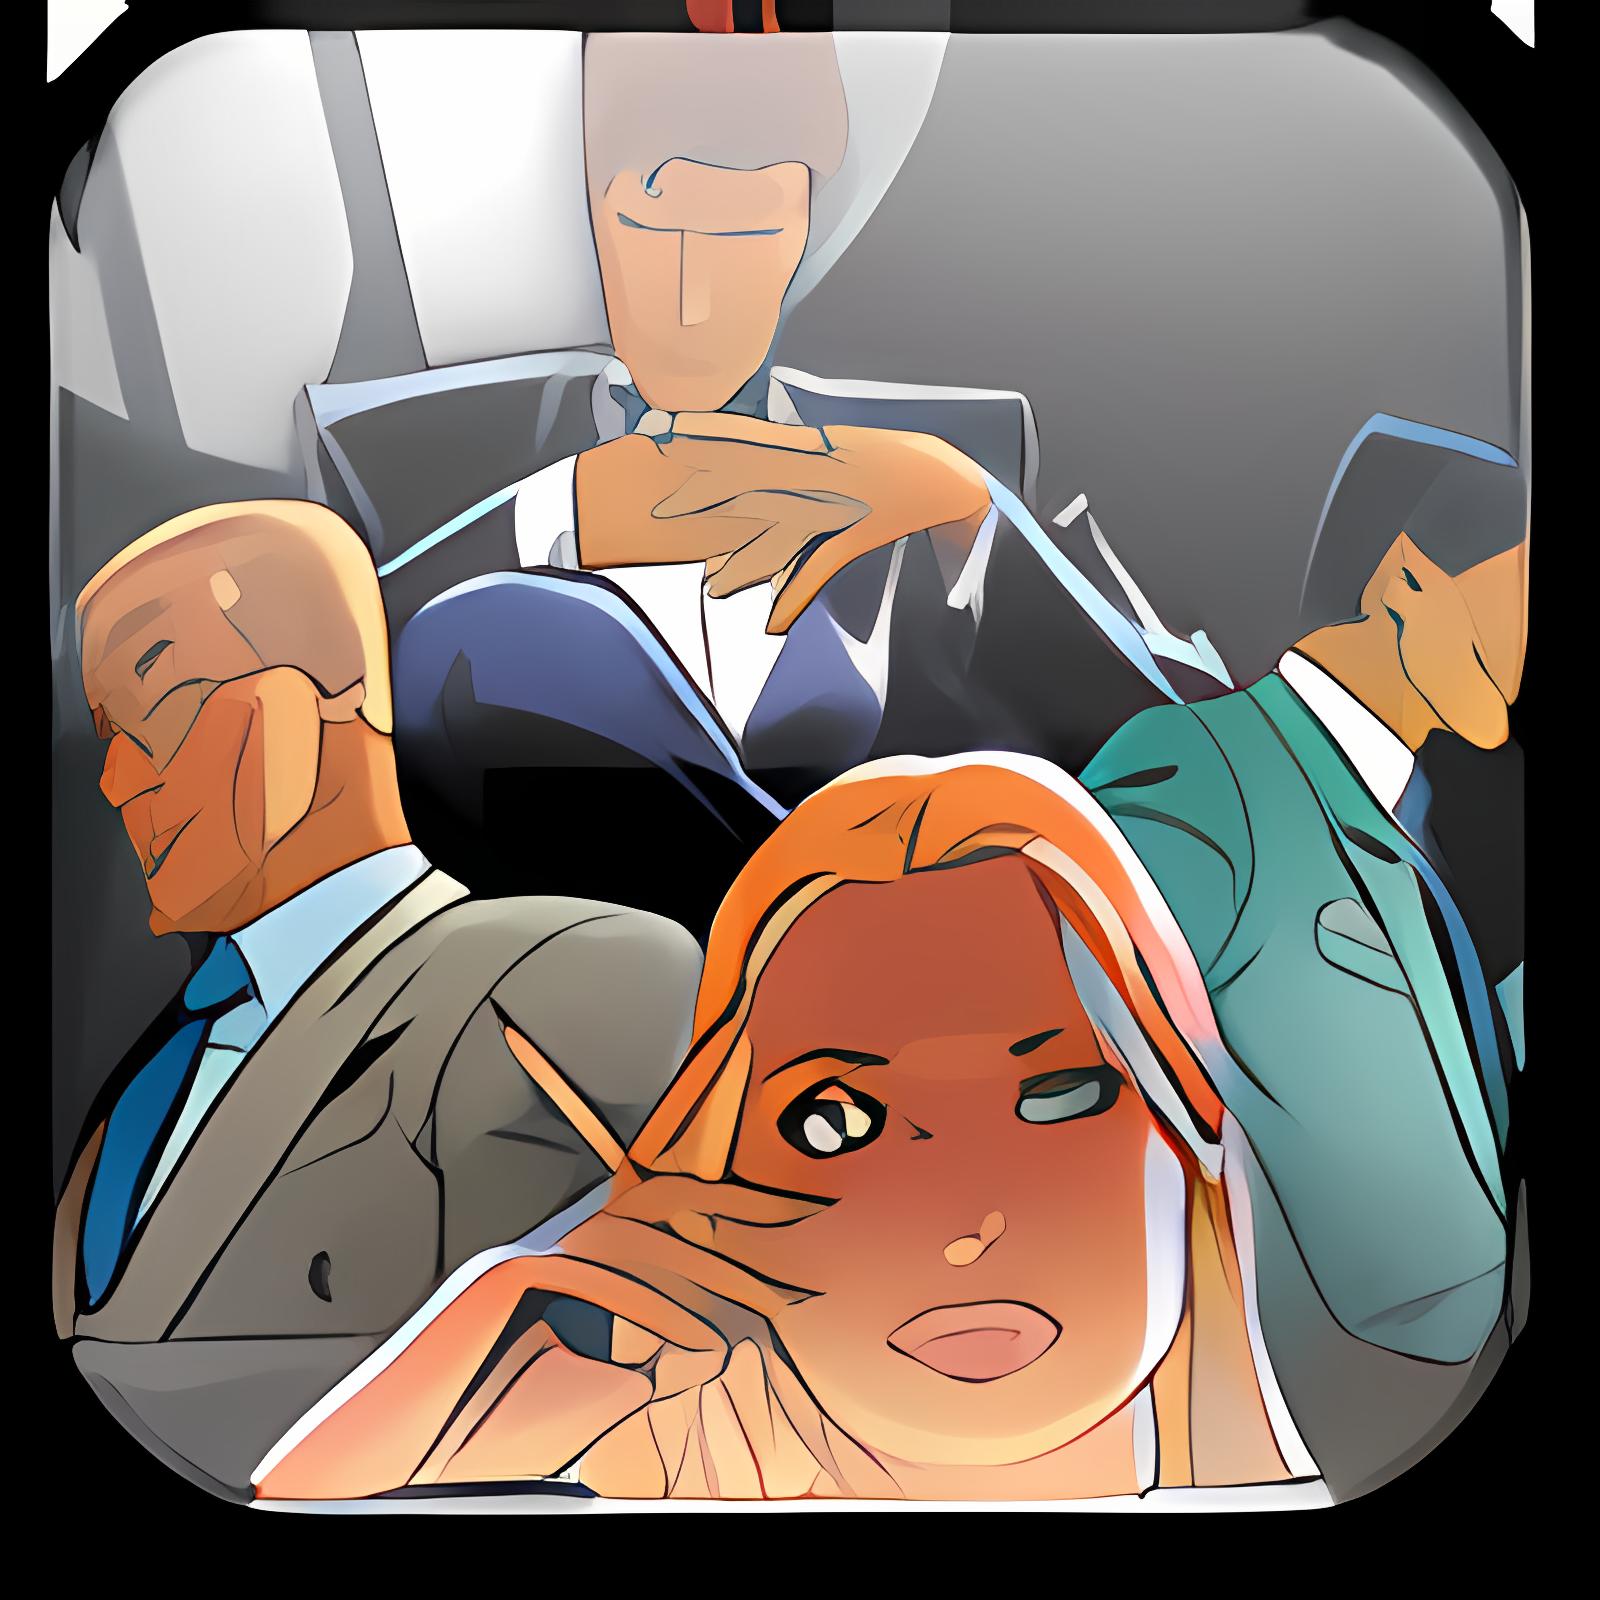 Fond d'écran Largo Winch - Le jeu (1)